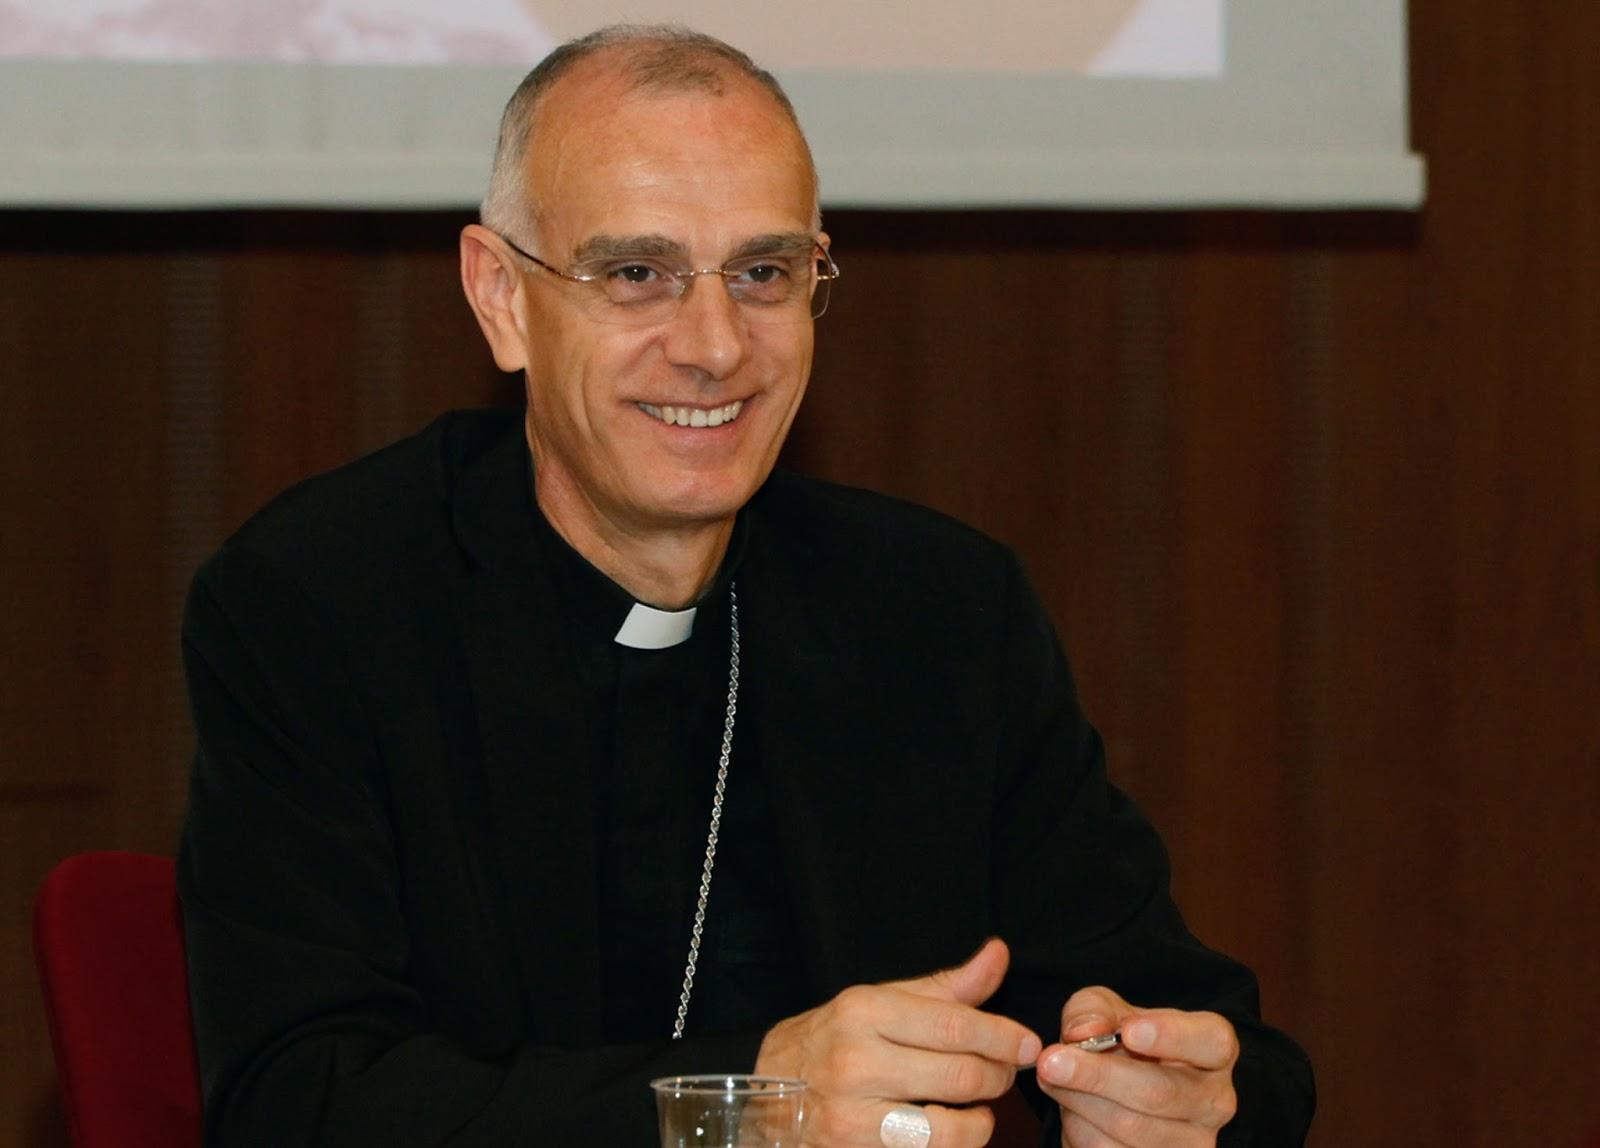 """Università Cattolica / La prolusione di oggi del vescovo Raspanti su """"Teologia e discernimento: nuovi ambienti e nuovi linguaggi"""""""